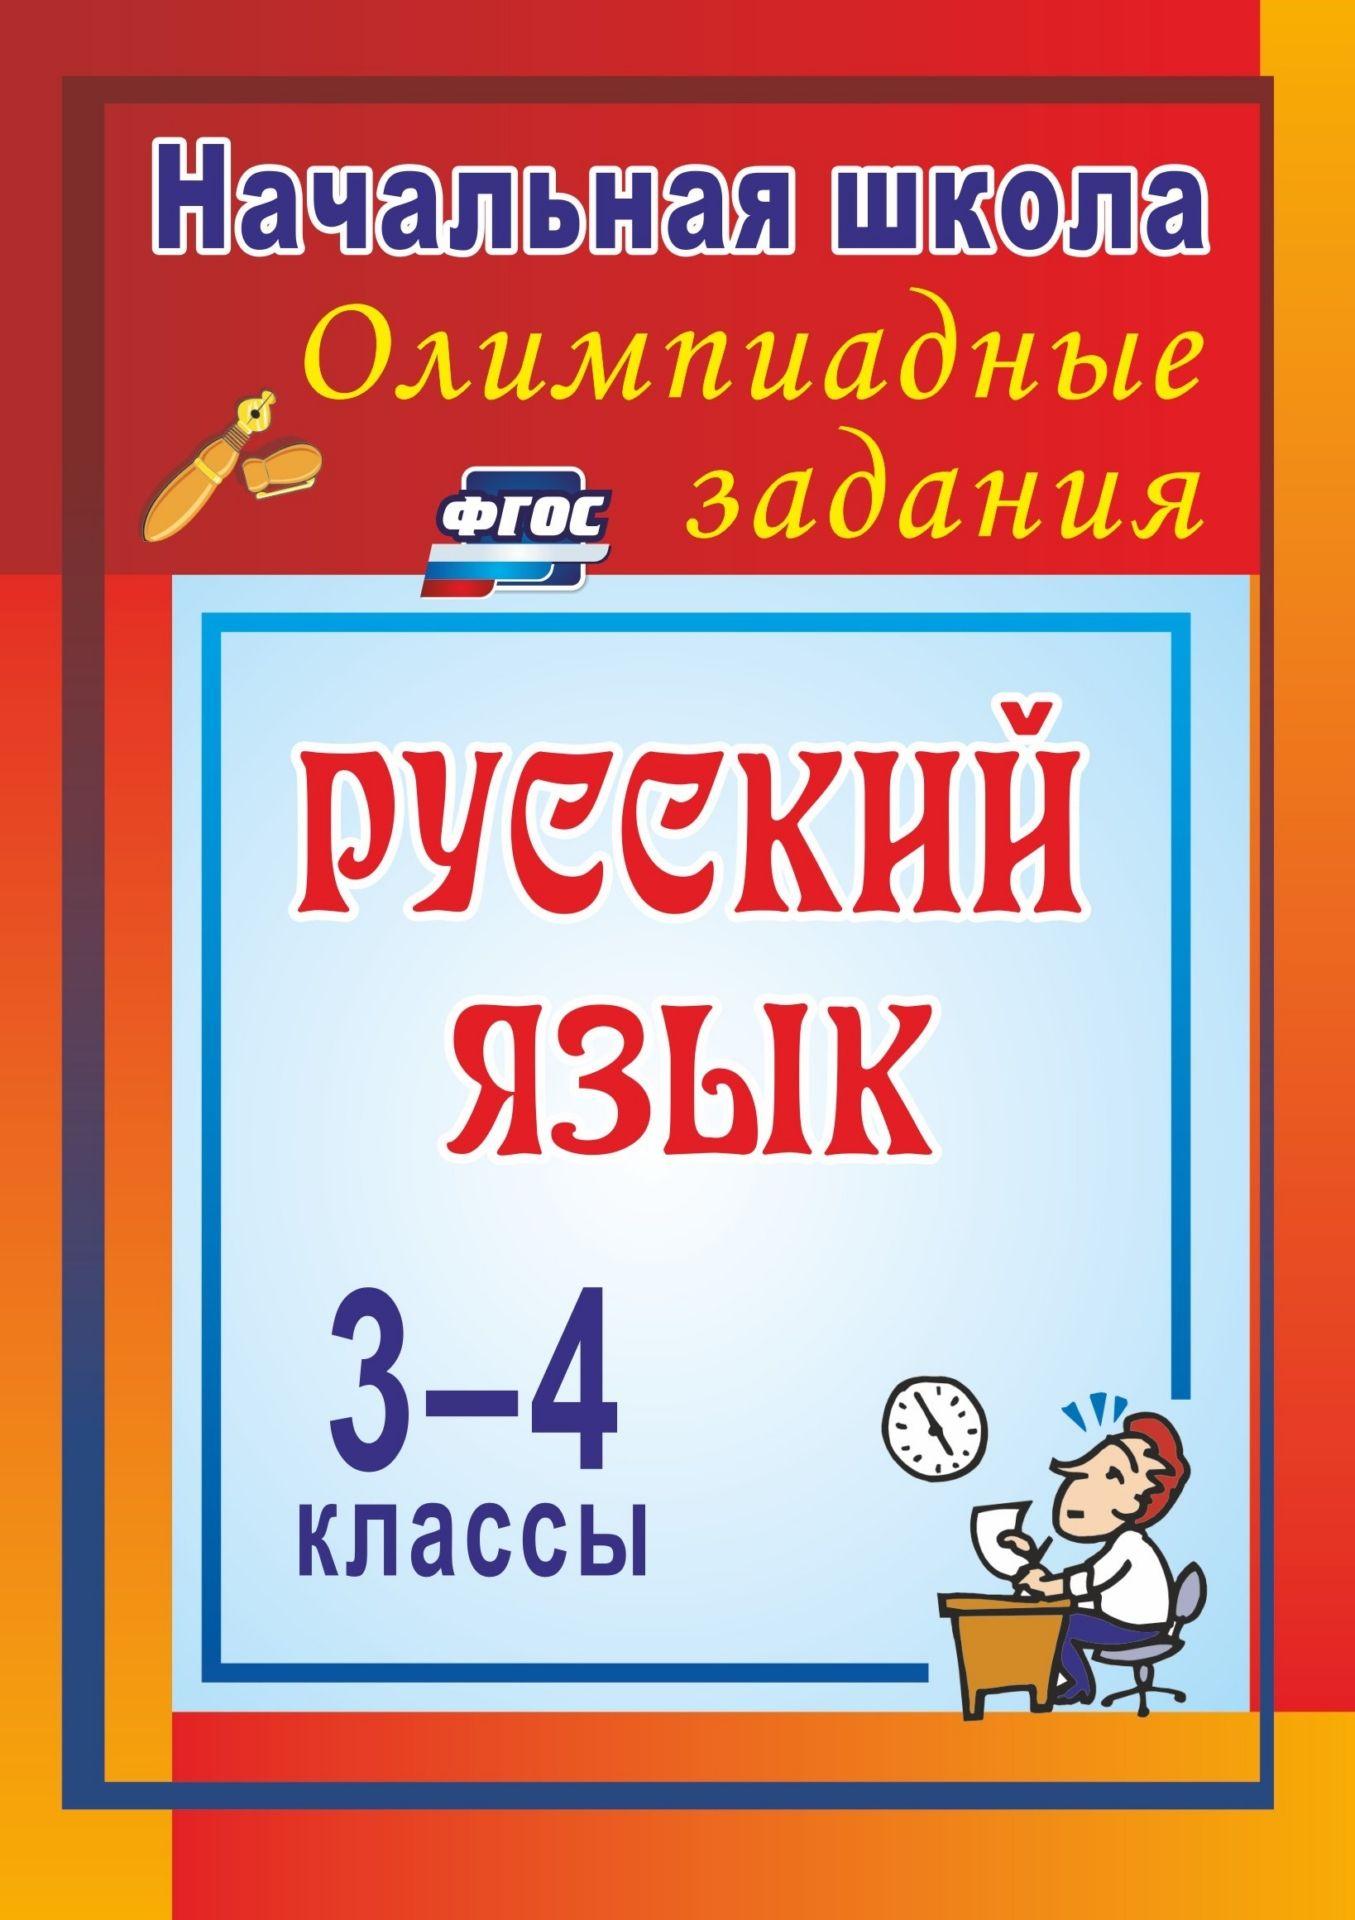 Олимпиадные задания по русскому языку. 3-4 классы: Олимпиадные заданияПредметы<br>Представленные в пособии олимпиадные задания по русскому языку для учащихся 3-4 классов с инструкцией для учителя по проверке и оценке заданий помогут младшим школьникам овладеть главным умением - учиться, использовать общеучебные, логические и познавател...<br><br>Авторы: Дьячкова Г. Т.<br>Год: 2017<br>Серия: Начальная школа<br>ISBN: 978-5-7057-0826-0, 978-5-7057-4700-9<br>Высота: 195<br>Ширина: 140<br>Толщина: 4<br>Переплёт: мягкая, скрепка